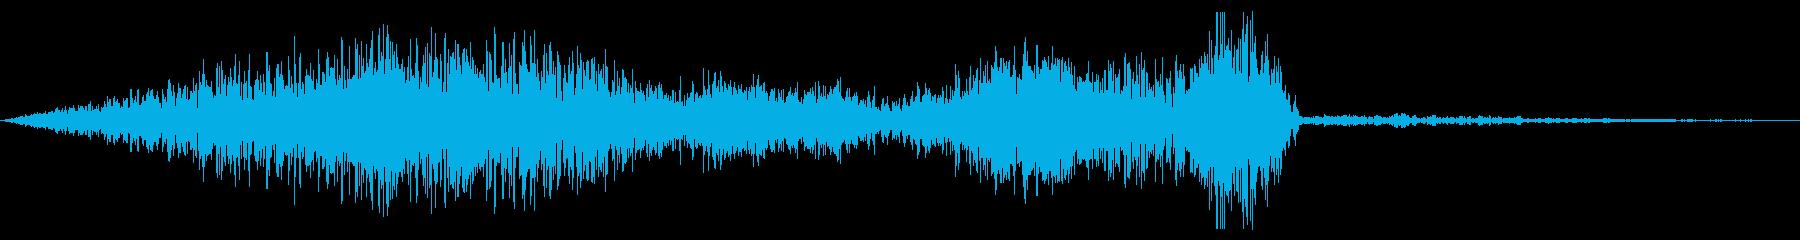 リザーバー、液体金属クリークak散...の再生済みの波形